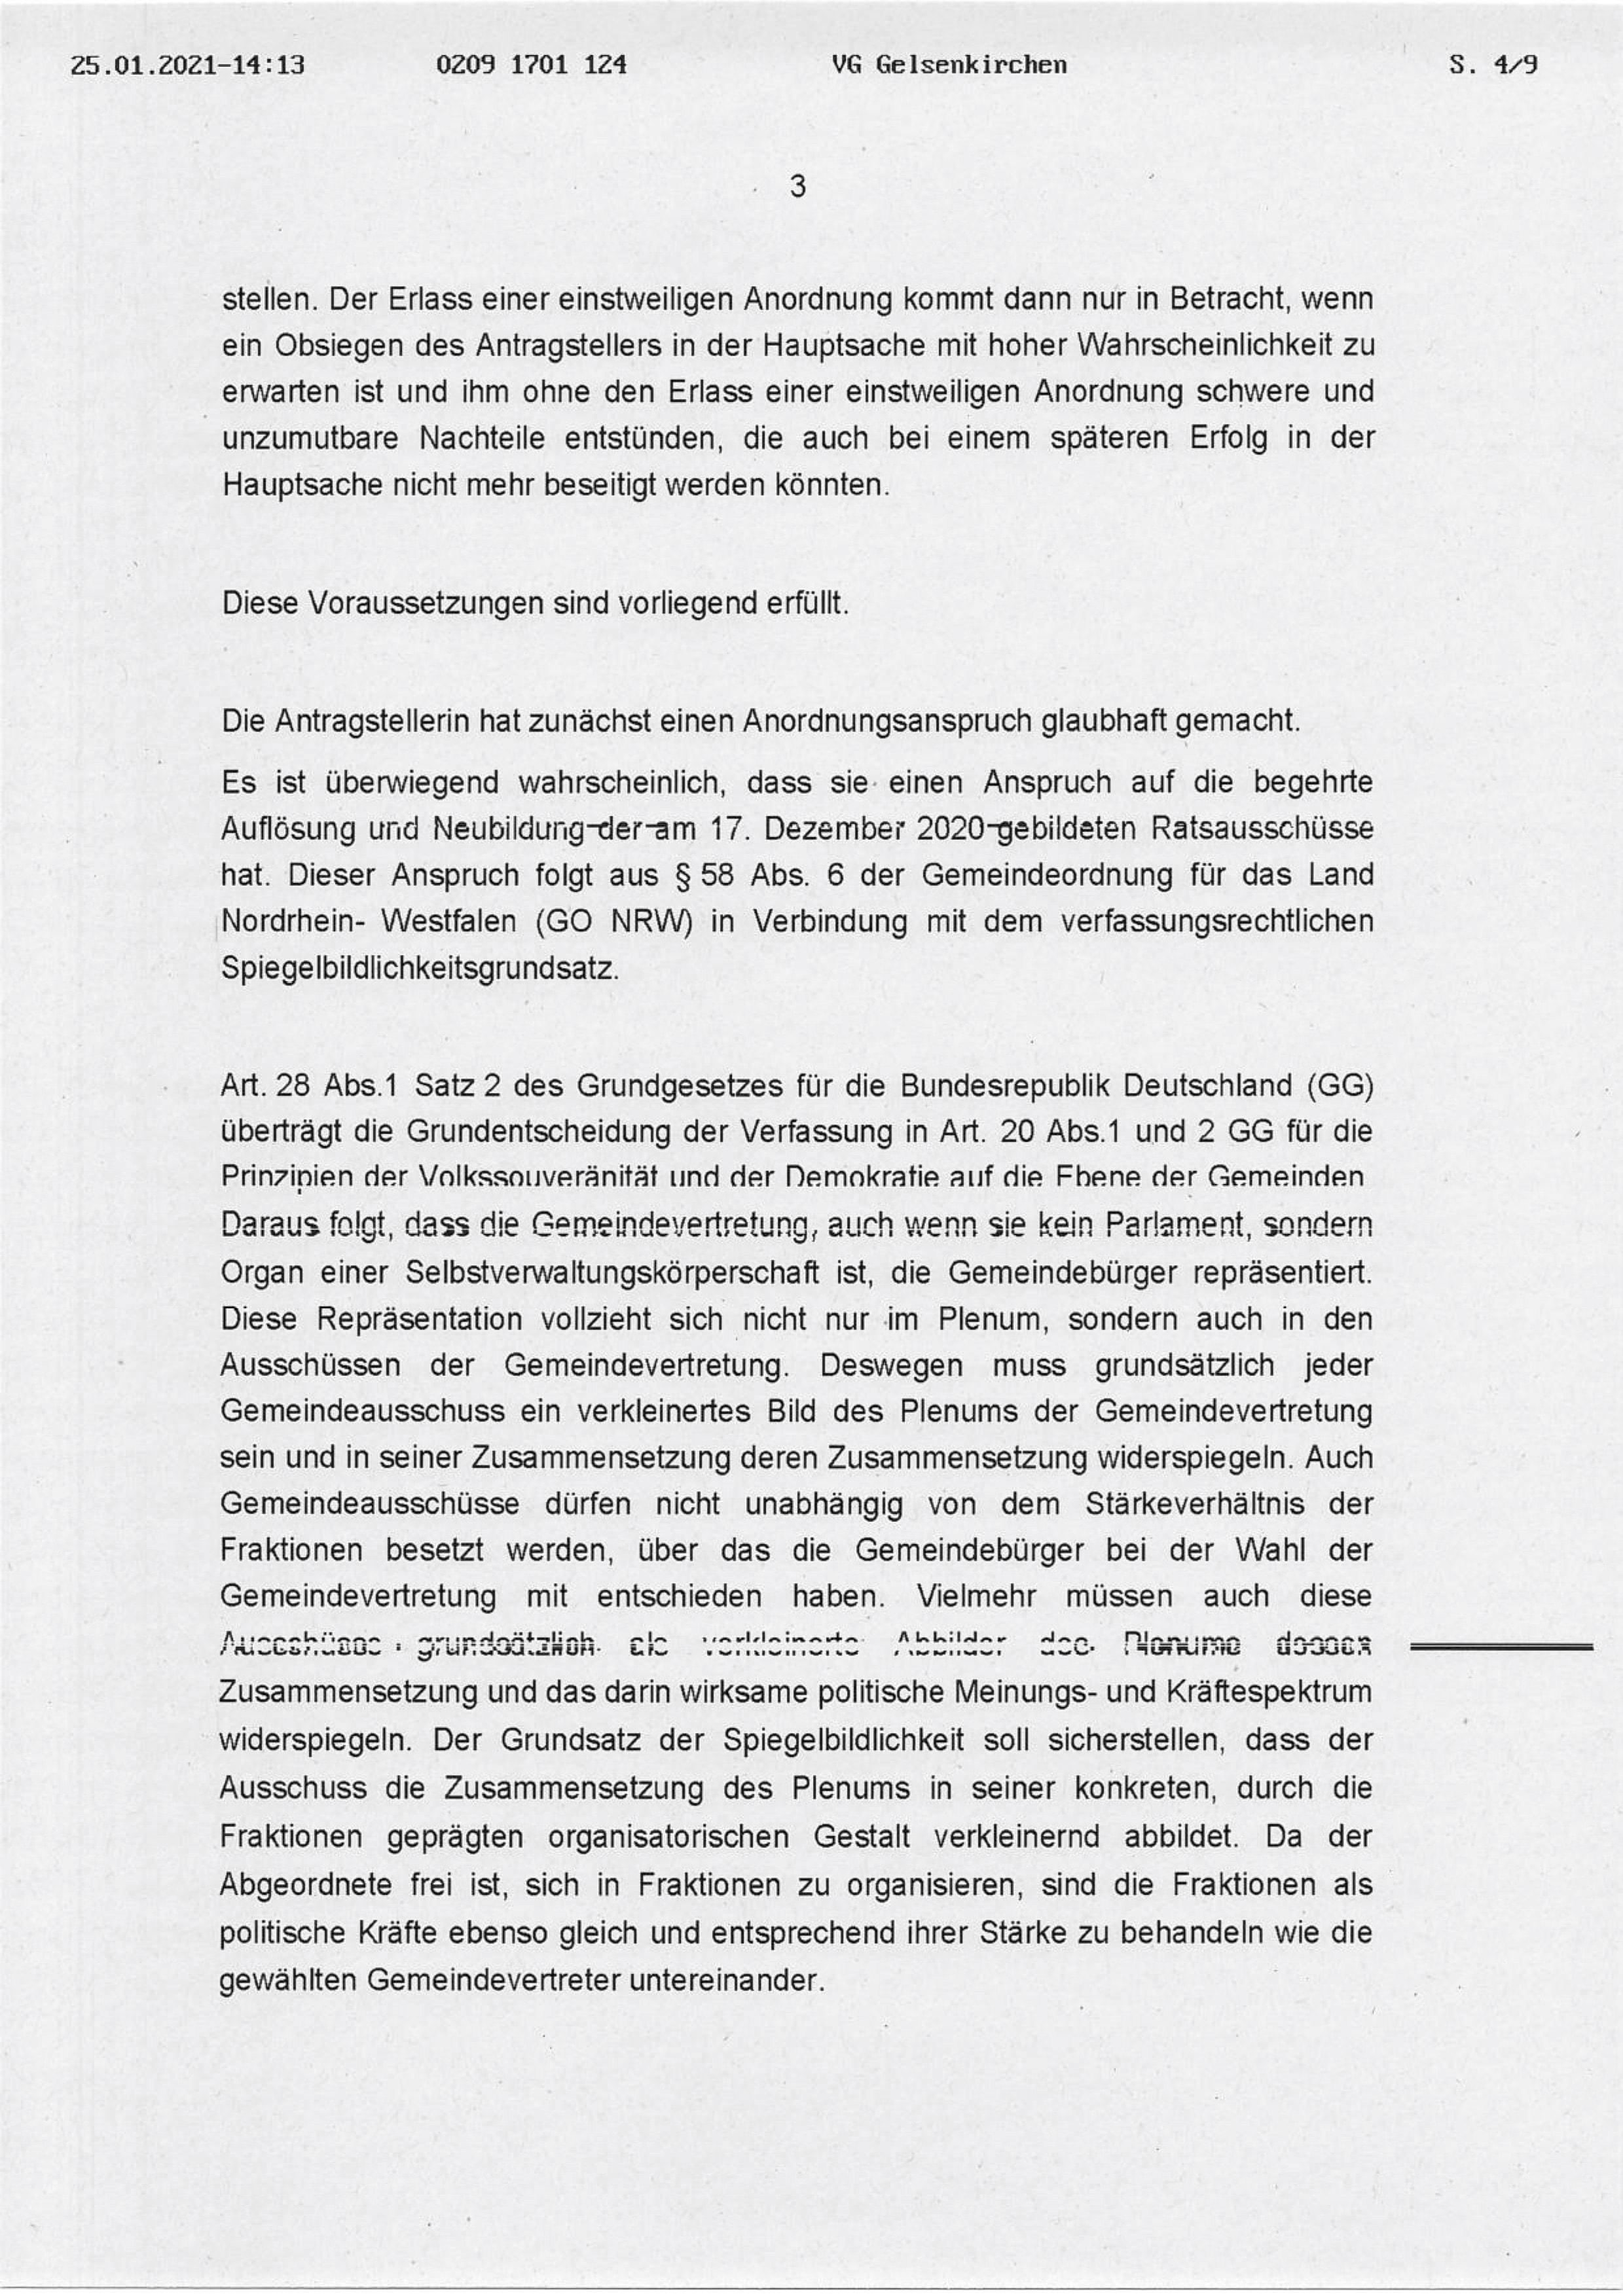 """Beschluss (VG Gelsenkirchen 25.01.2021) in der Sache Fraktion """"Die Partei und Stadtgestalter"""" gegen den Rat der Stadt Bochum, hier: Seite 3/8 (bzw. 4/9)"""